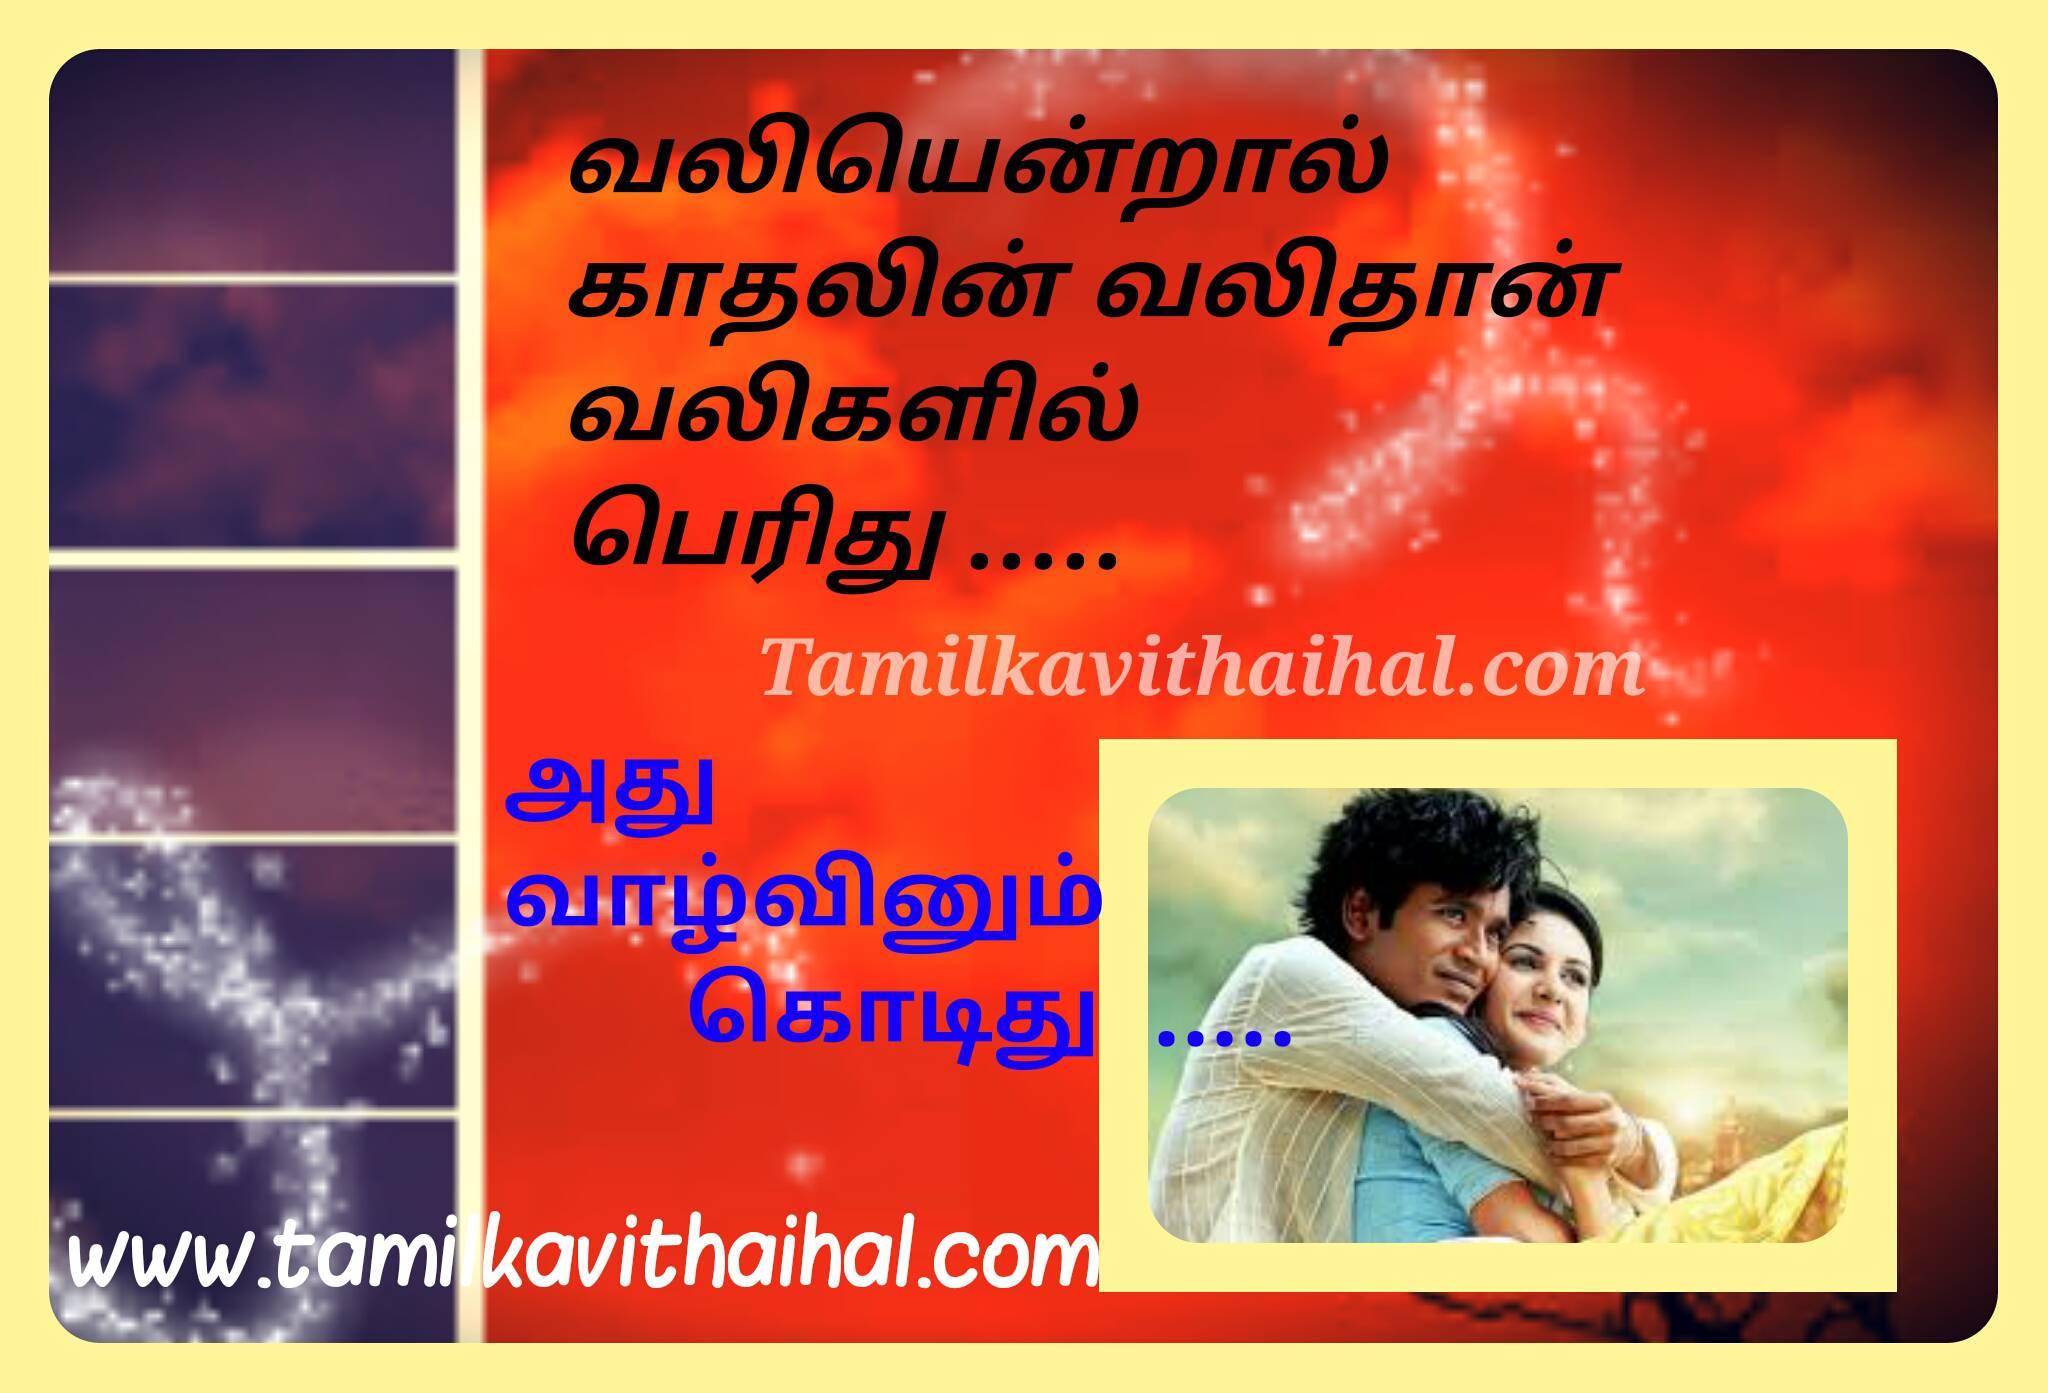 Anegan Dhanush Flashback Movie Quotes Sensational Tamil Poems Songs